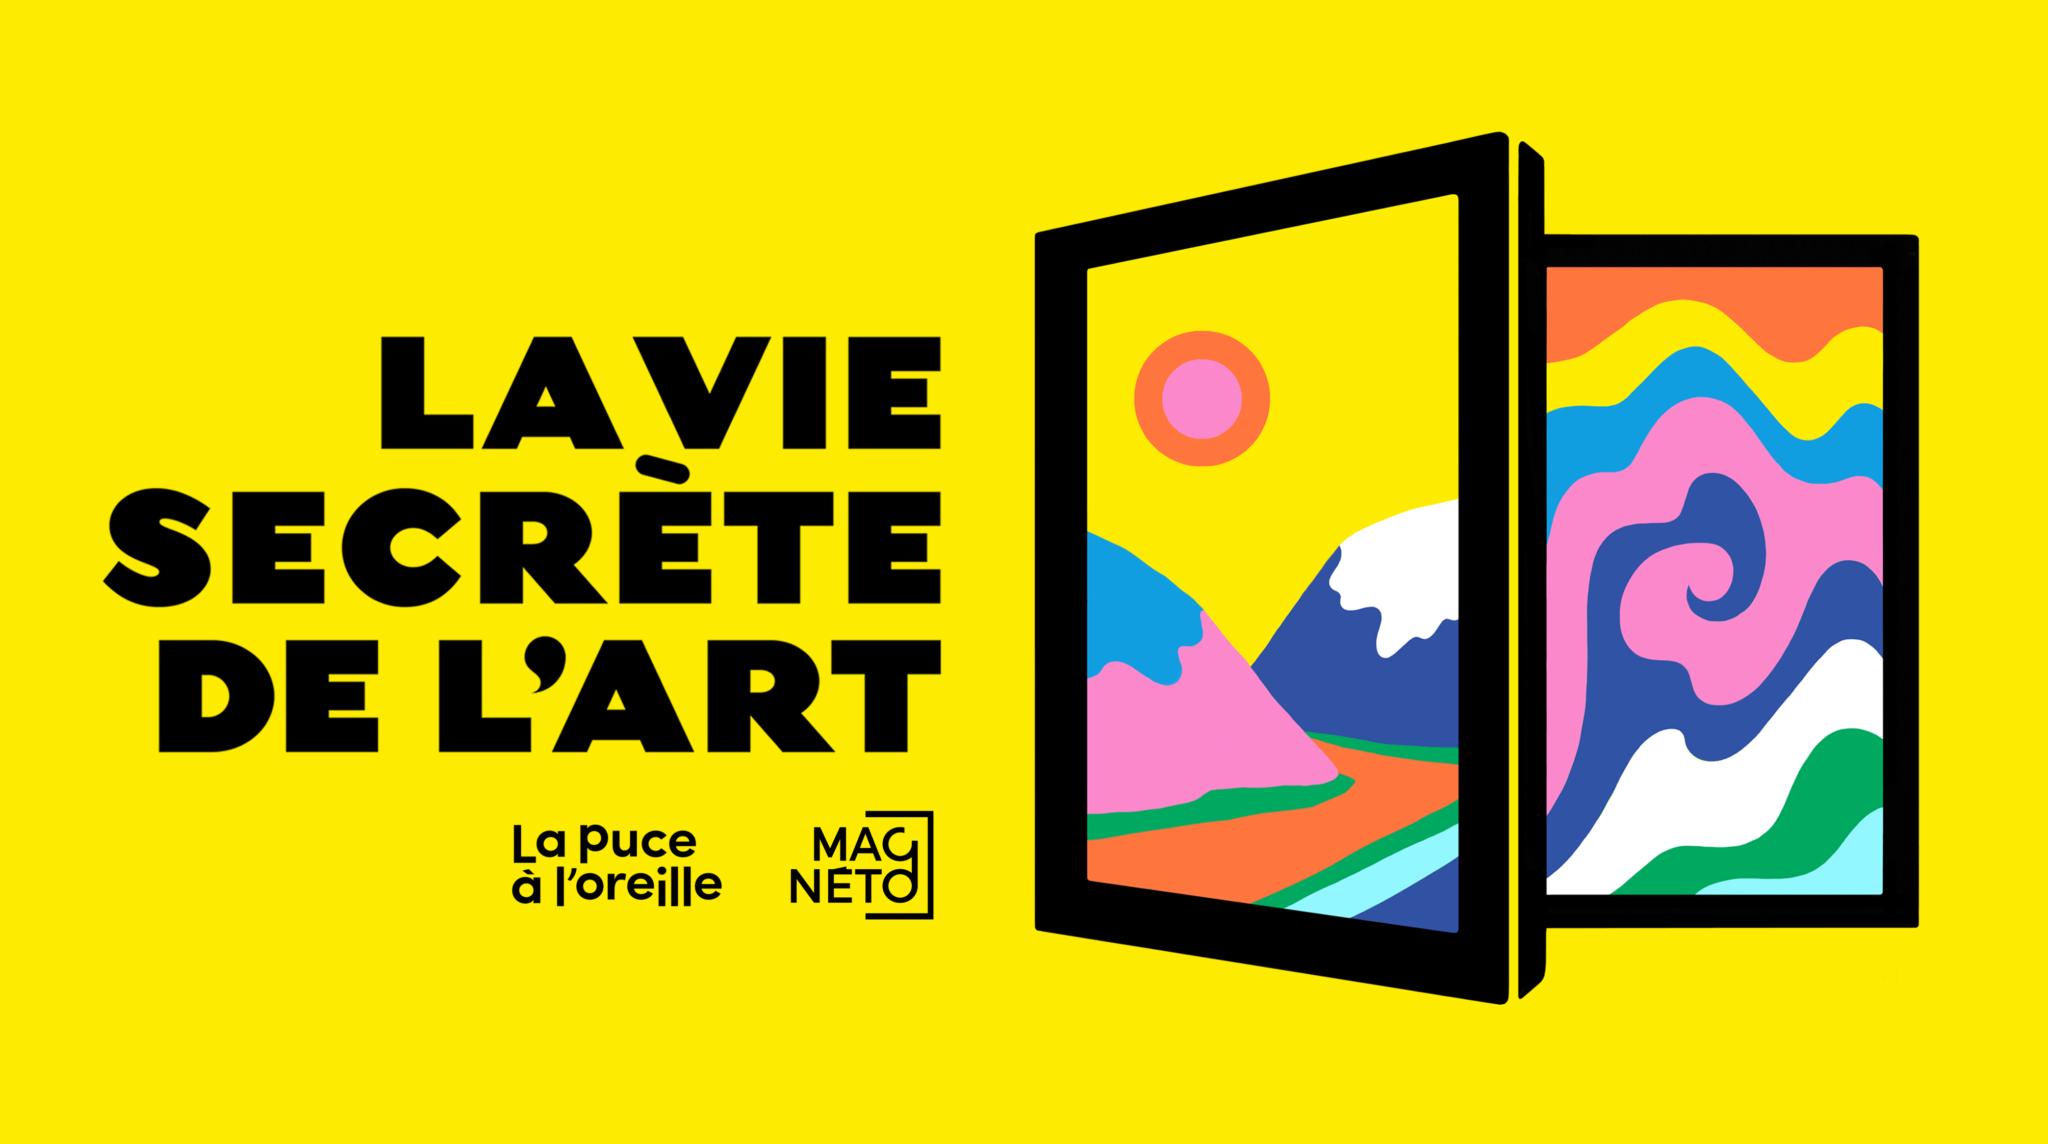 Lancement de la série balado « LA VIE SECRÈTE DE L'ART », une nouvelle initiative adressée aux jeunes publics